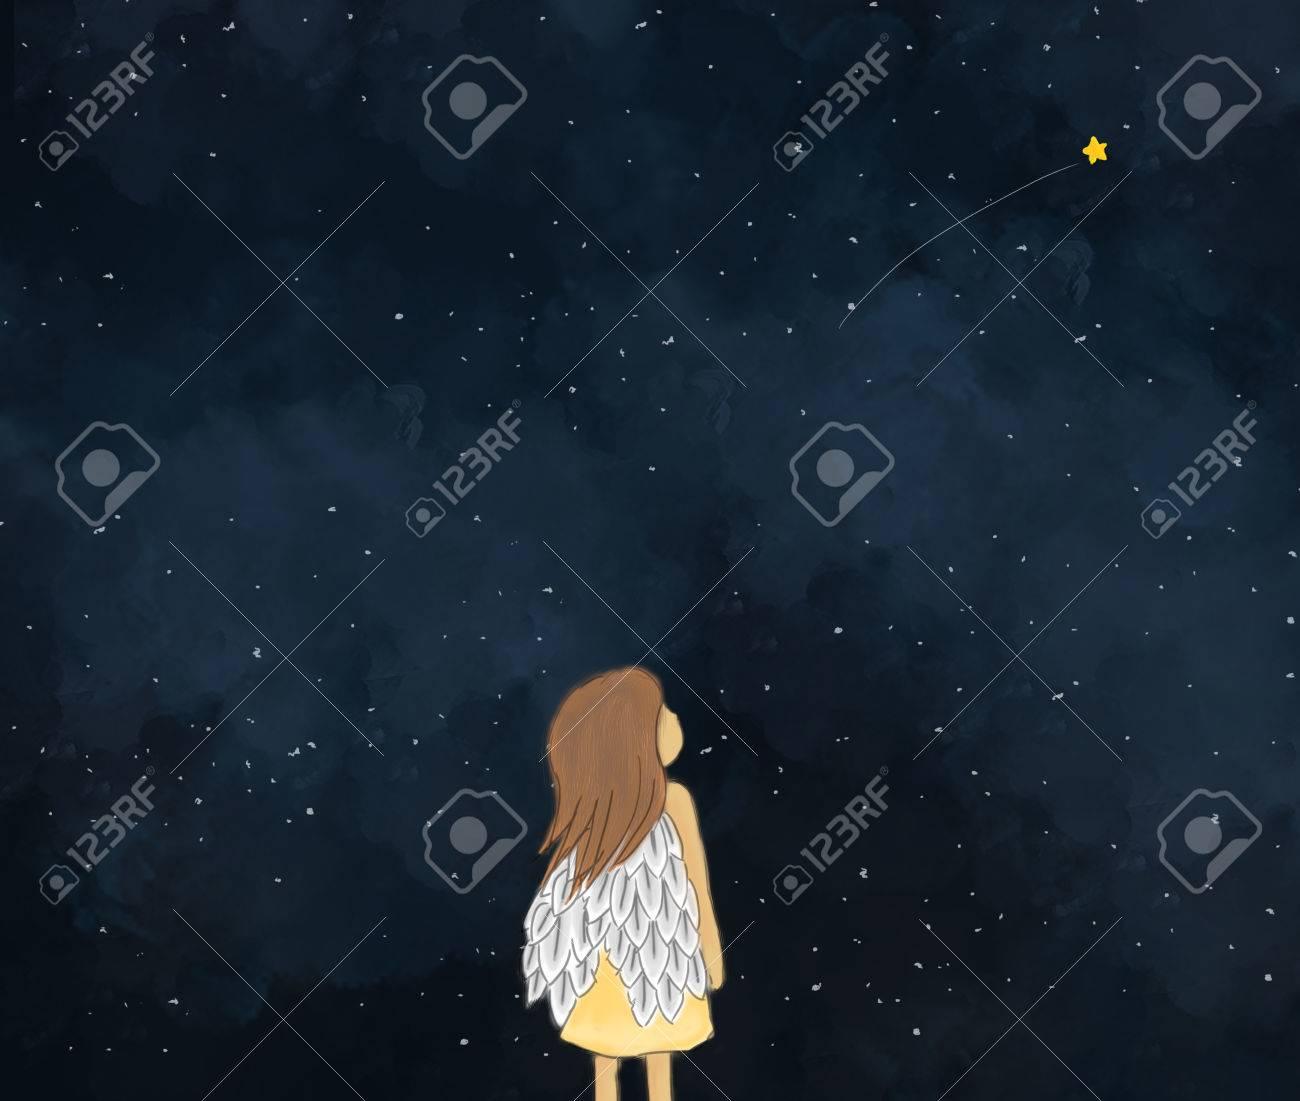 Illustration Dessin D Une Petite Fille Ange Regardant L étoile Filante Dans La Nuit étoilée Ciel Nuit Nuit Fond Fond D écran Modèle De Conception